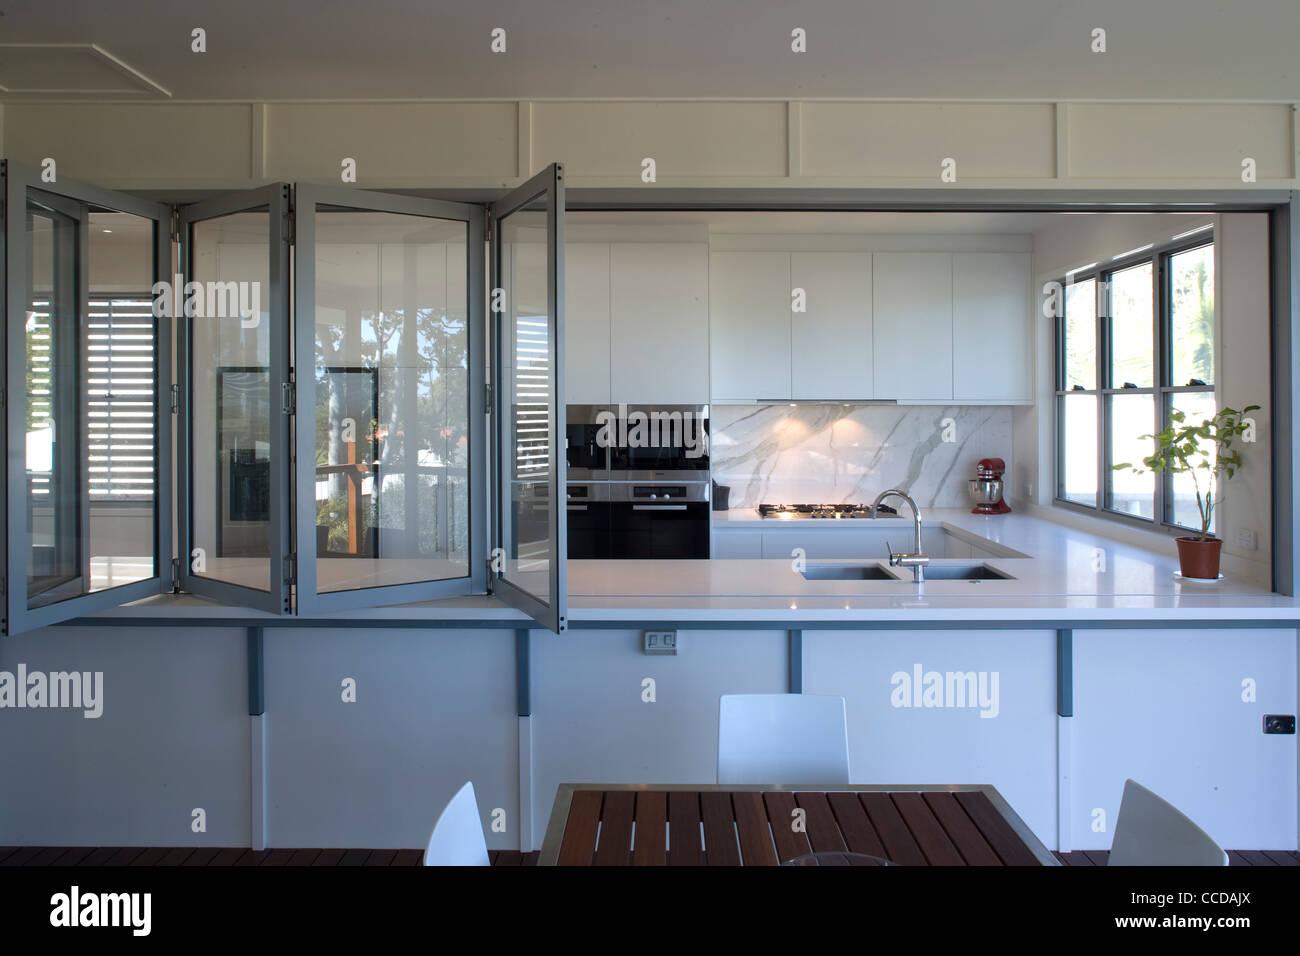 Erfreut Billige Kit Küchen Brisbane Ideen - Küchenschrank Ideen ...